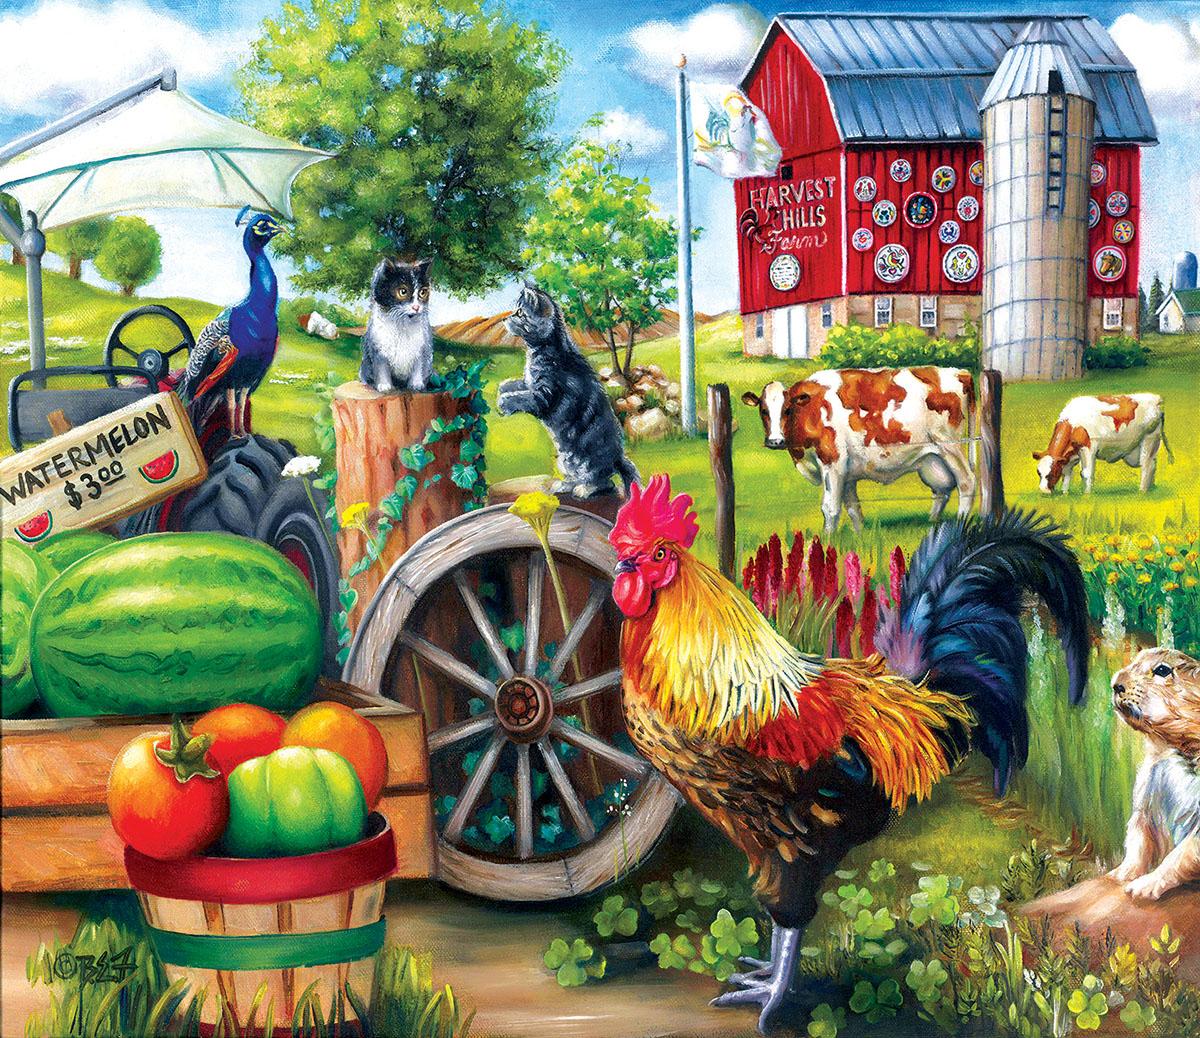 Harvest Hills Farm Jigsaw Puzzle